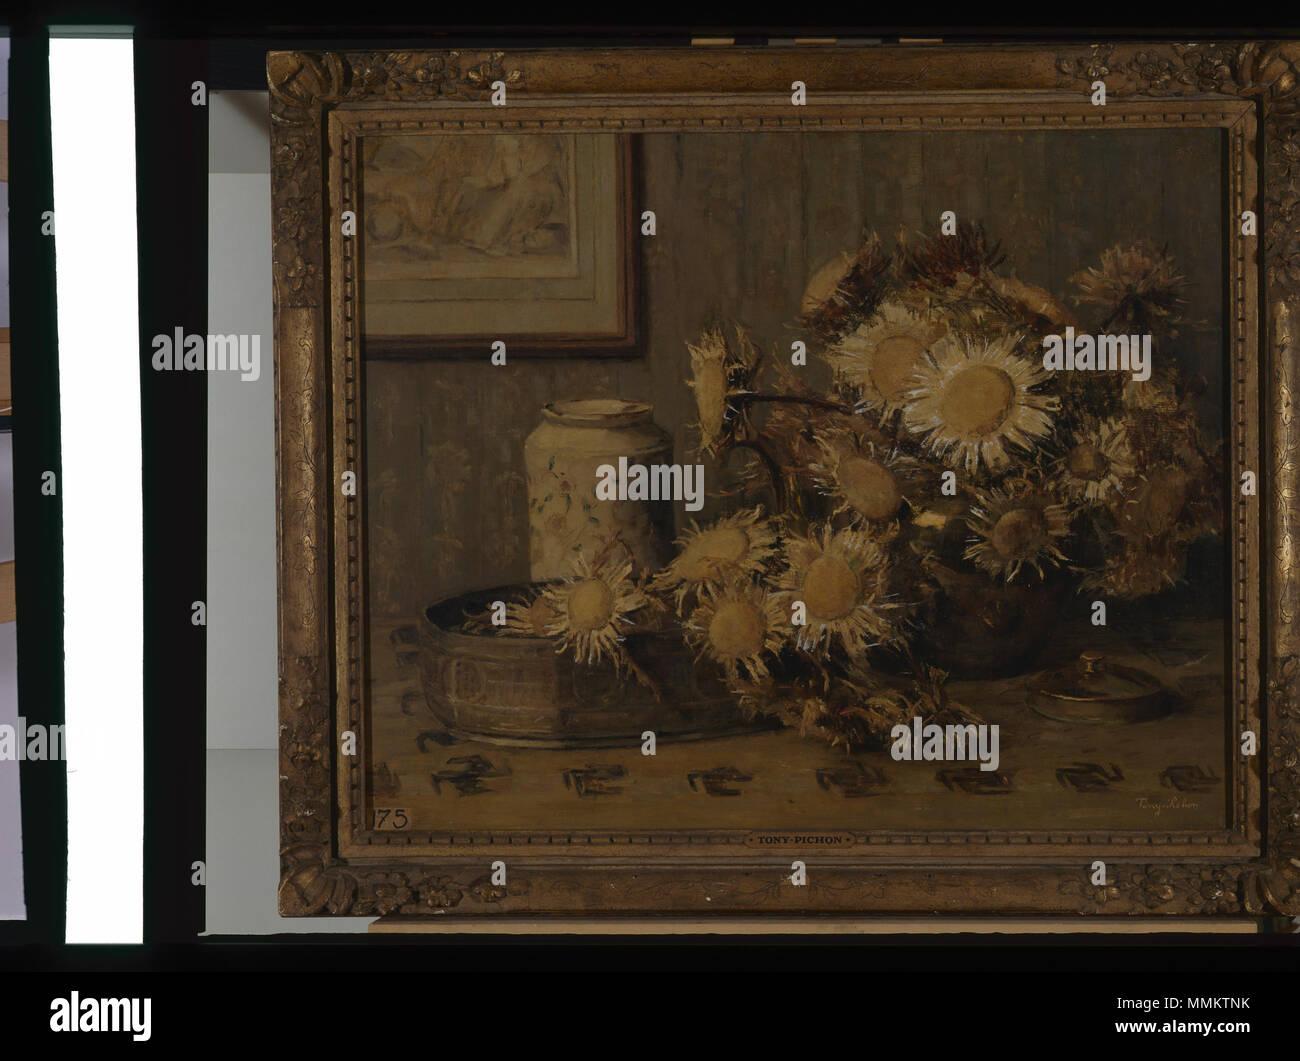 Chardons - Tony Pichon - Musée d'art et d'histoire de Saint-Brieuc, DOC 175 Foto Stock